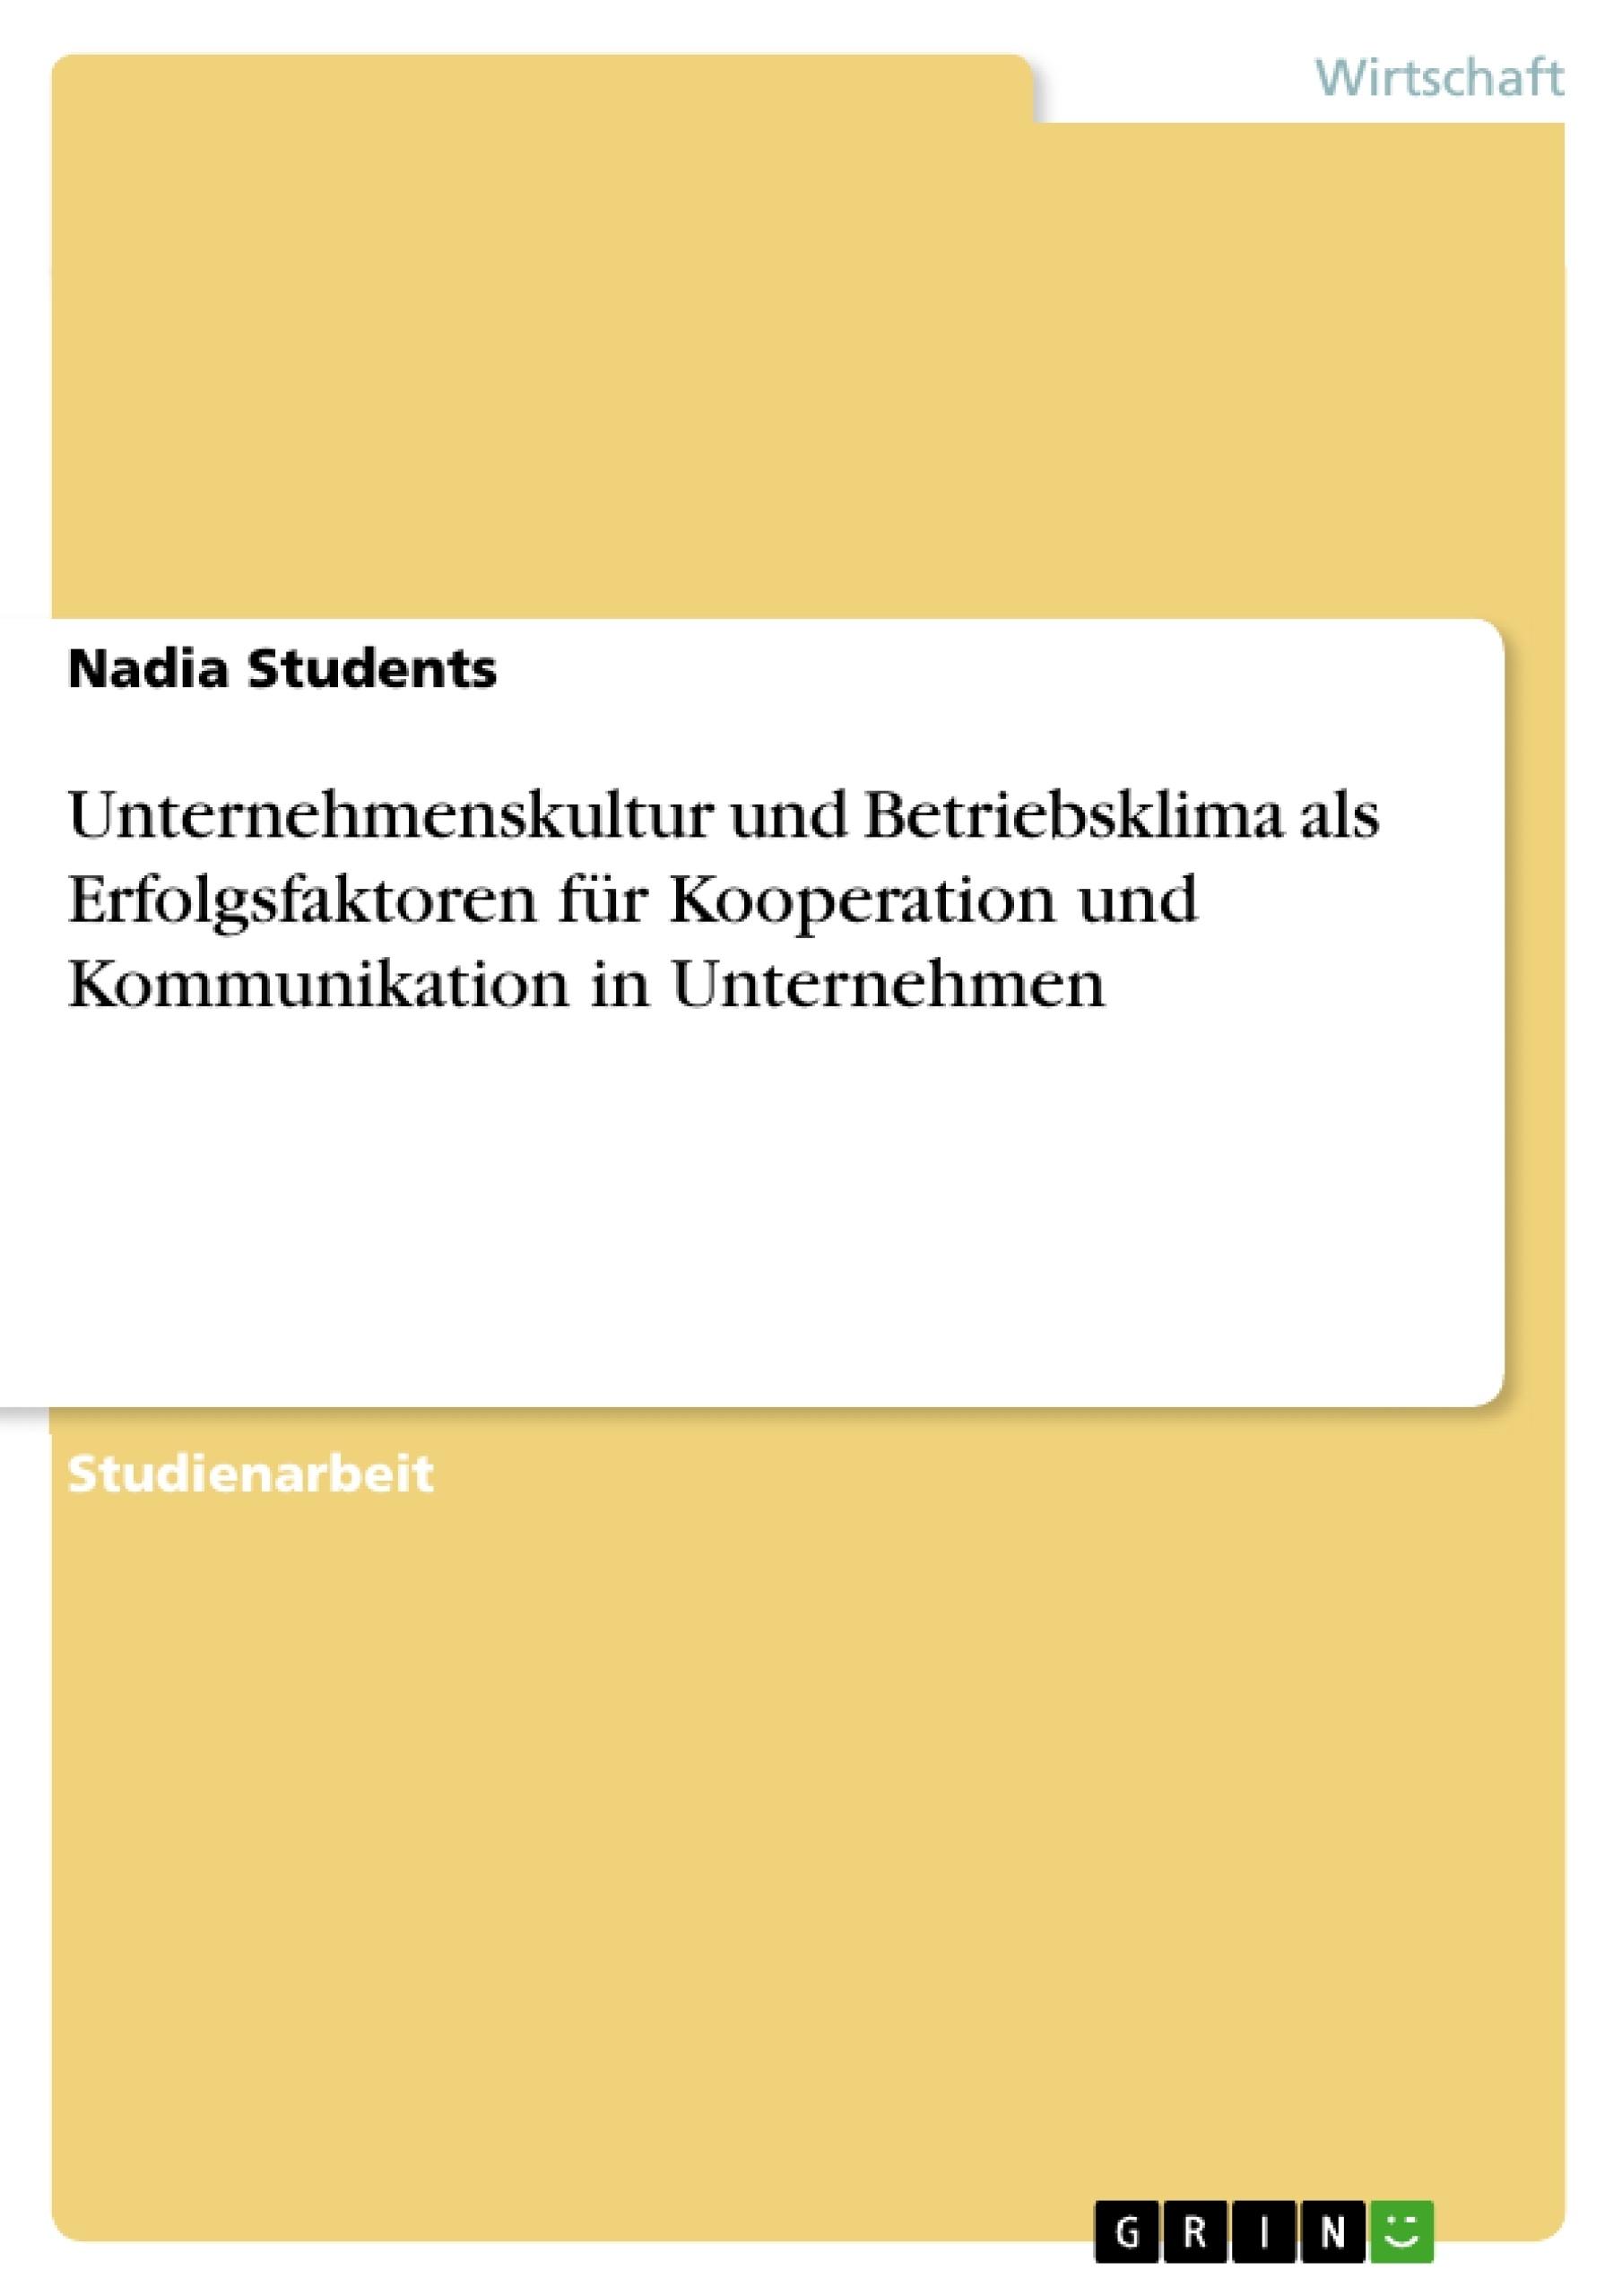 Titel: Unternehmenskultur und Betriebsklima als Erfolgsfaktoren für Kooperation und Kommunikation in Unternehmen